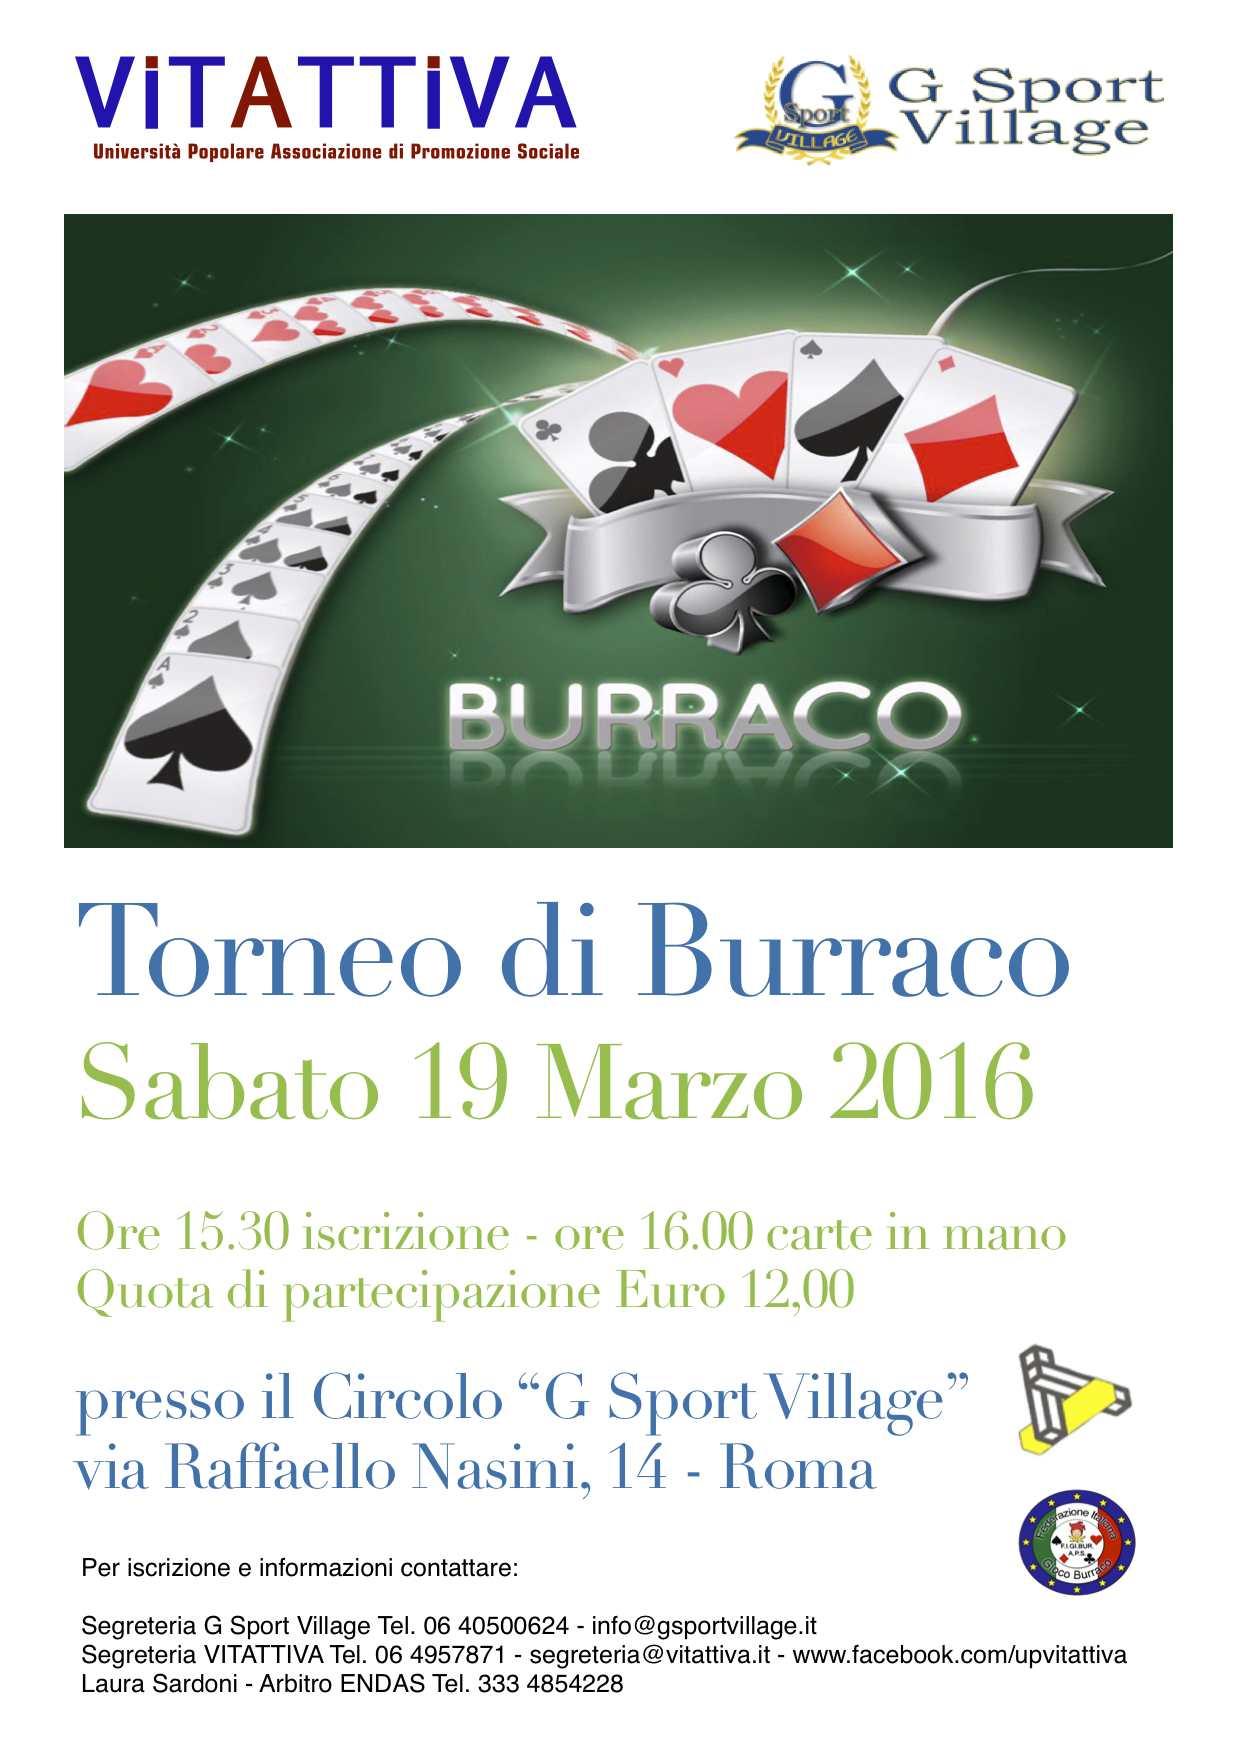 burraco_3_1